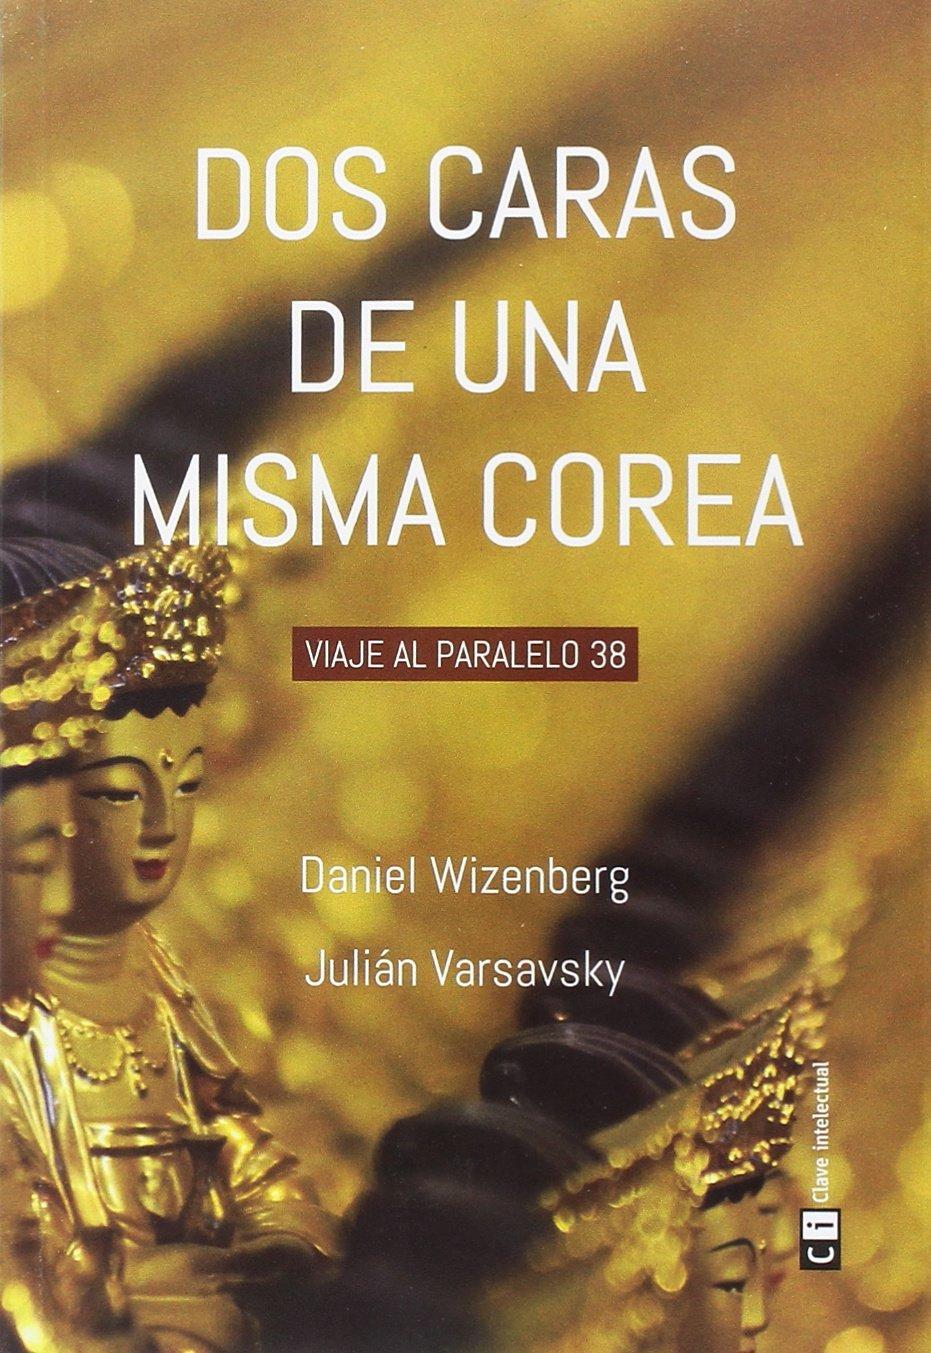 Dos caras de una misma Corea: Viaje al paralelo 38 Misceláneos: Amazon.es: Daniel Wizenberg (argentino), Julián Varsavsky(argentino): Libros